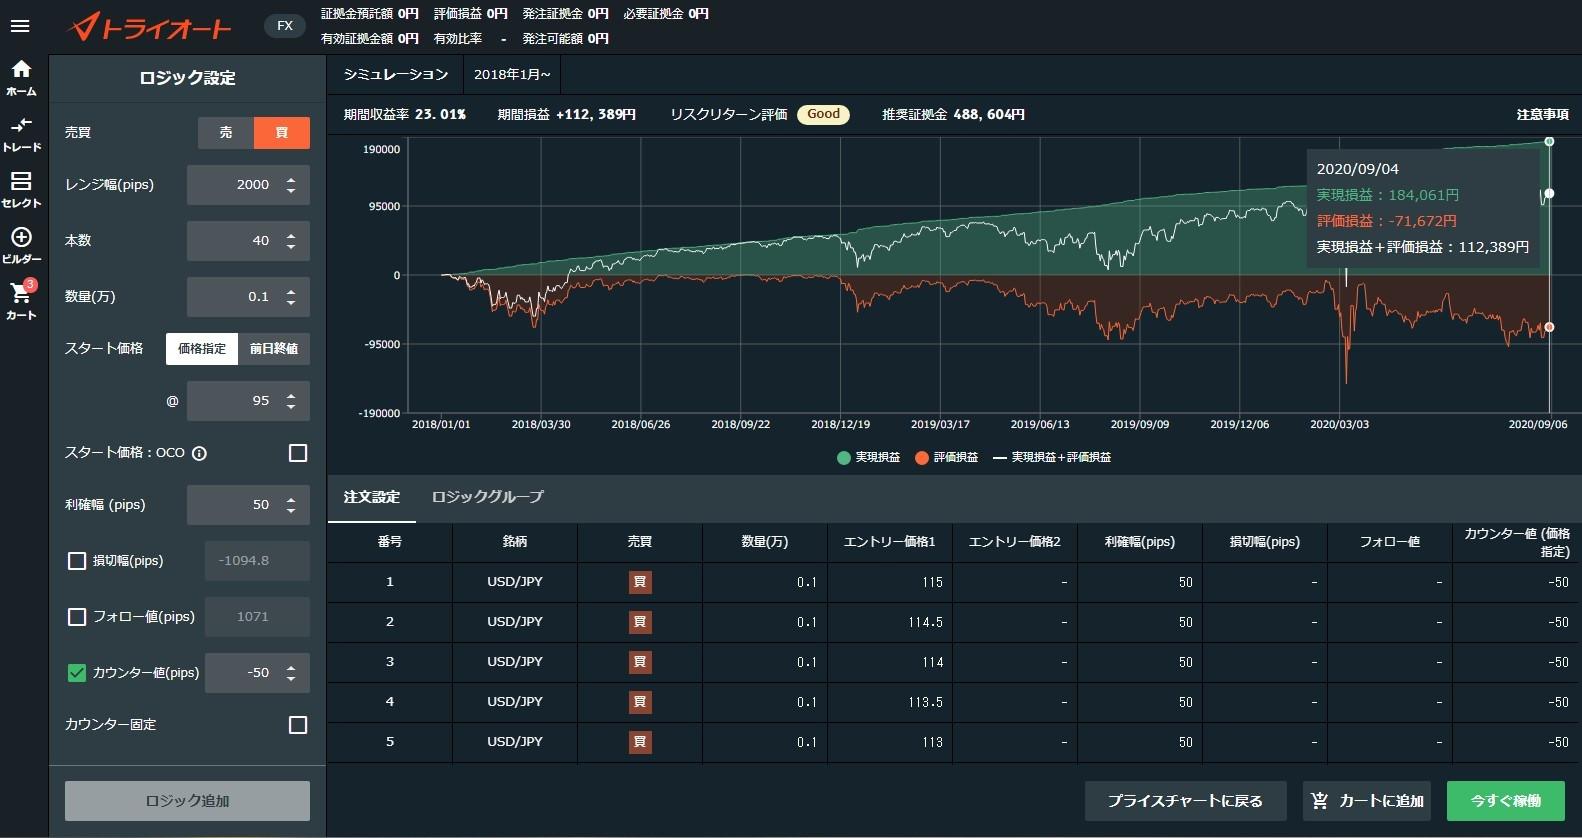 トライオートFX「ビルダー」のドル円長期の運用実績